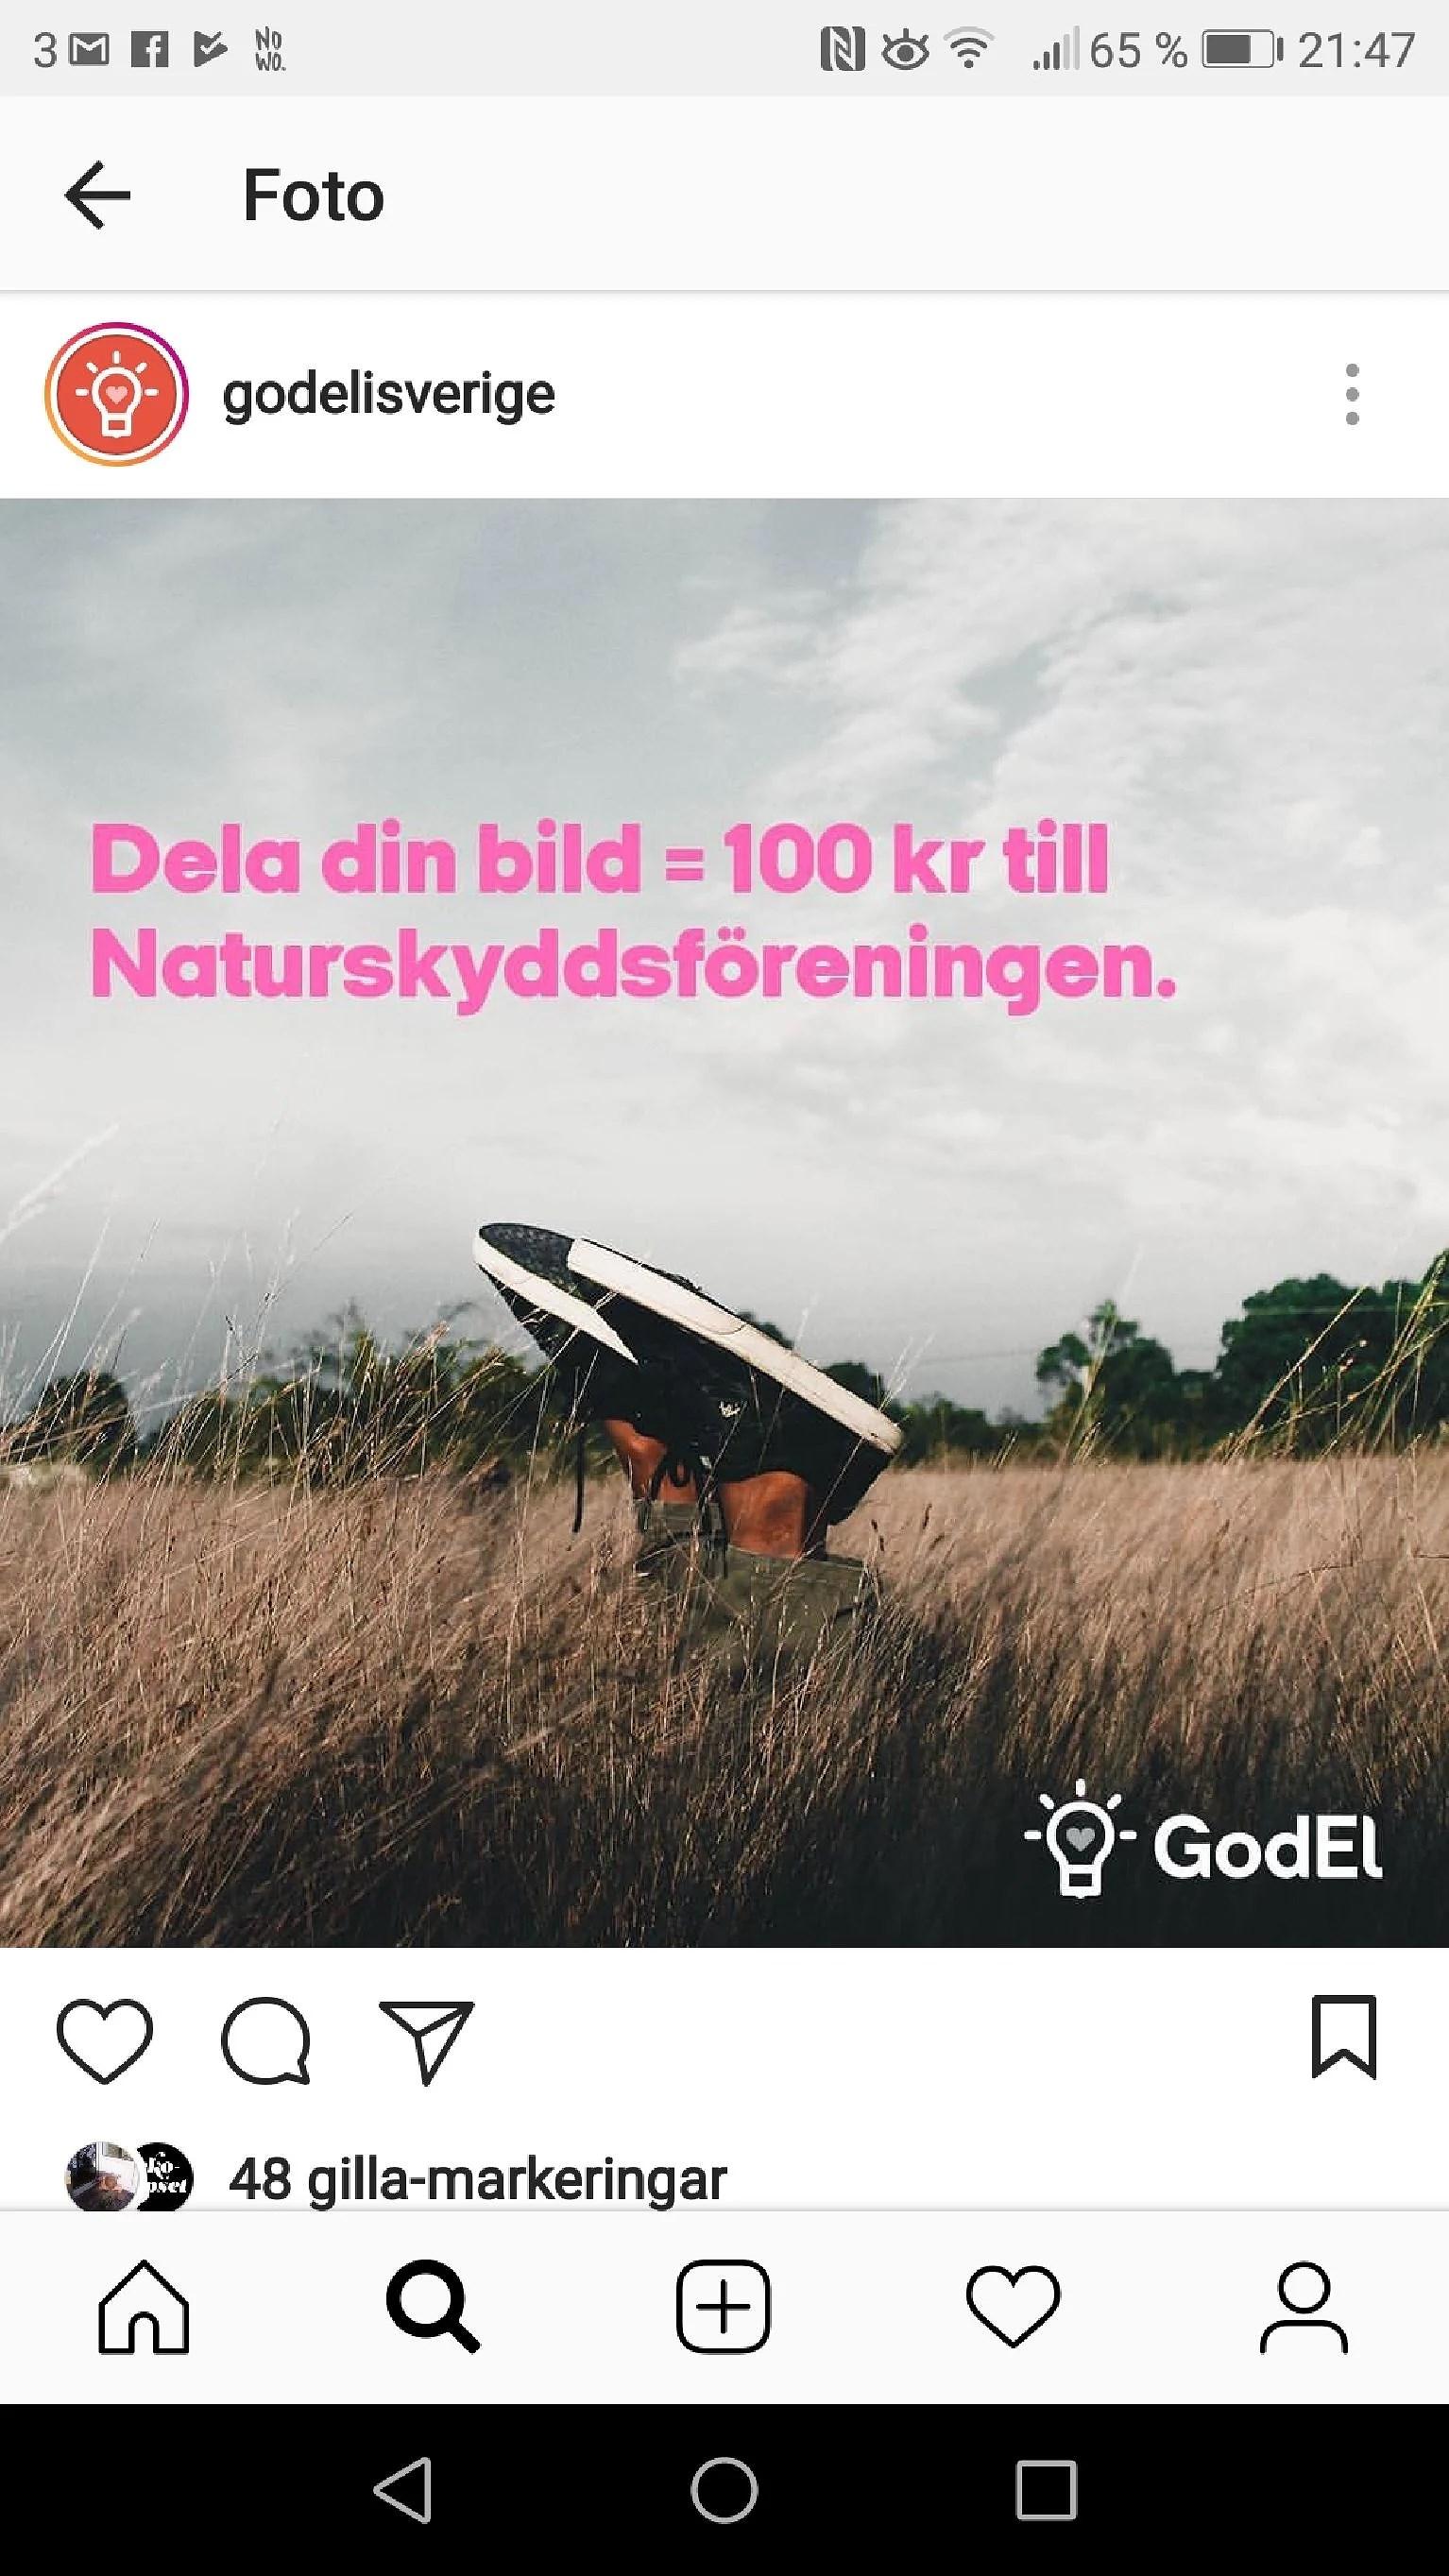 Skänk 100 kr till naturskyddsföreningen genom att posta en naturbild...